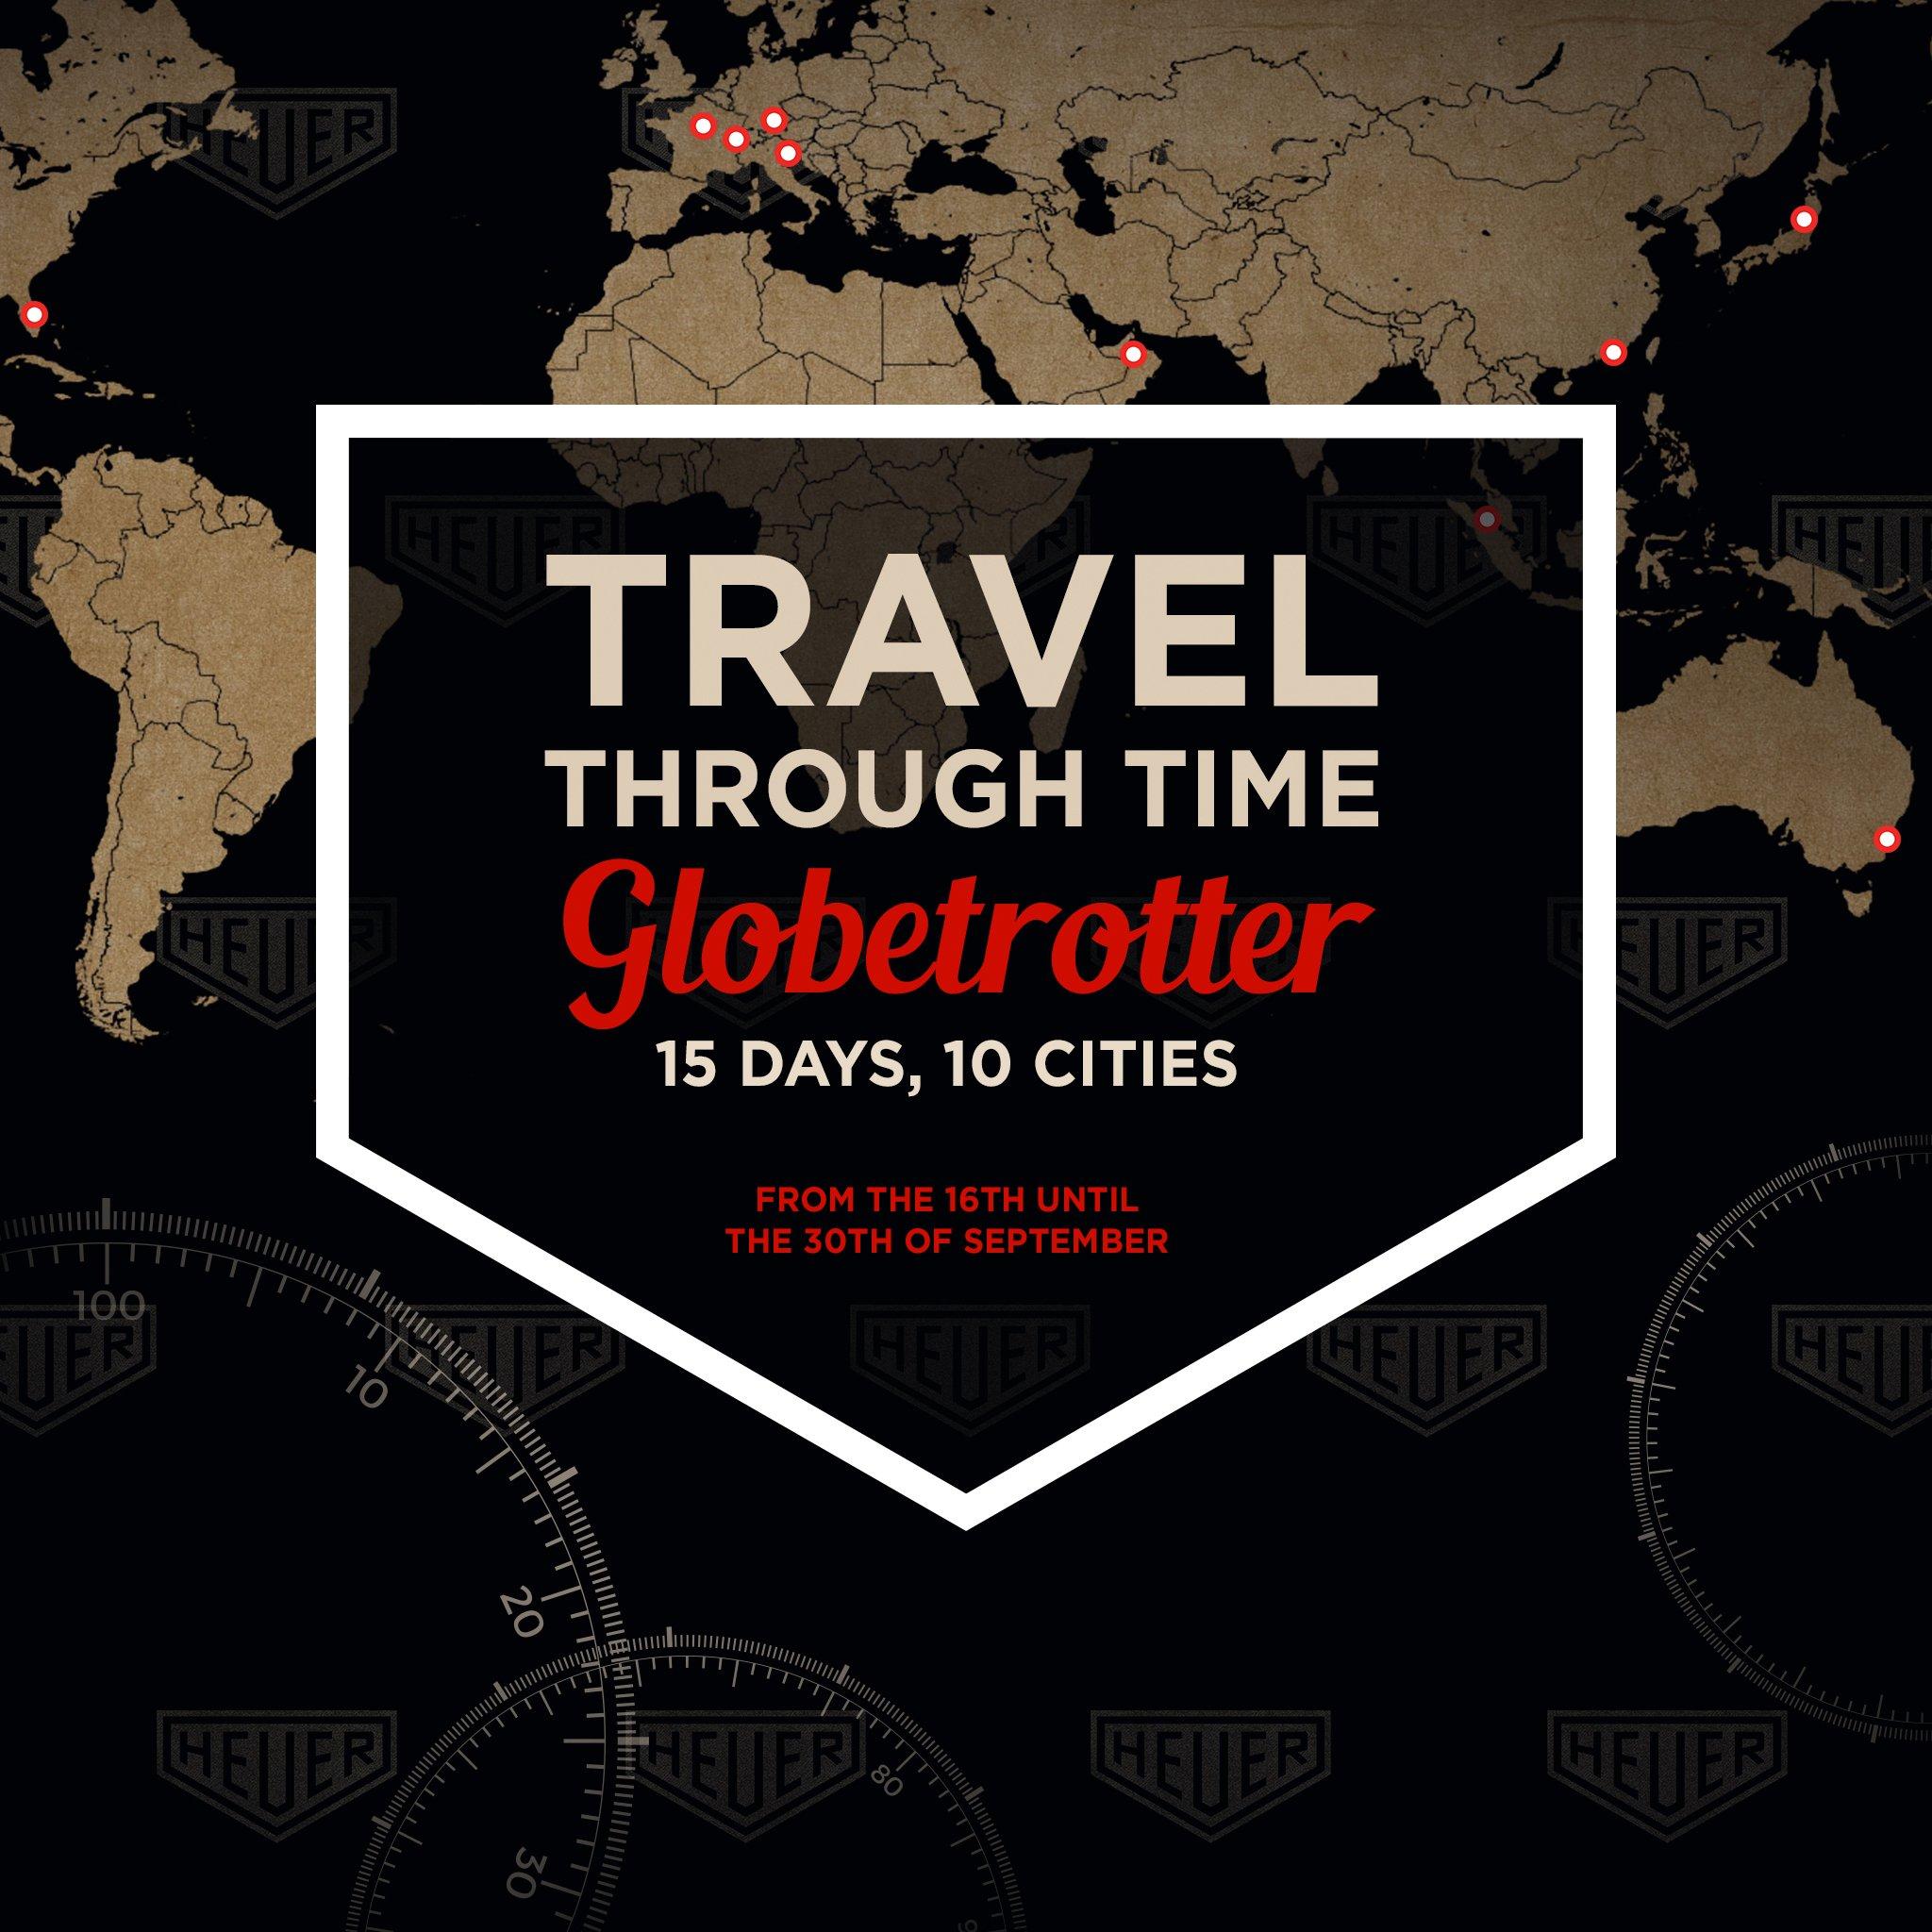 News: TAG Heuer Globetrotter Ausstellung (September 2017) in München und 9 weiteren Städten weltweit